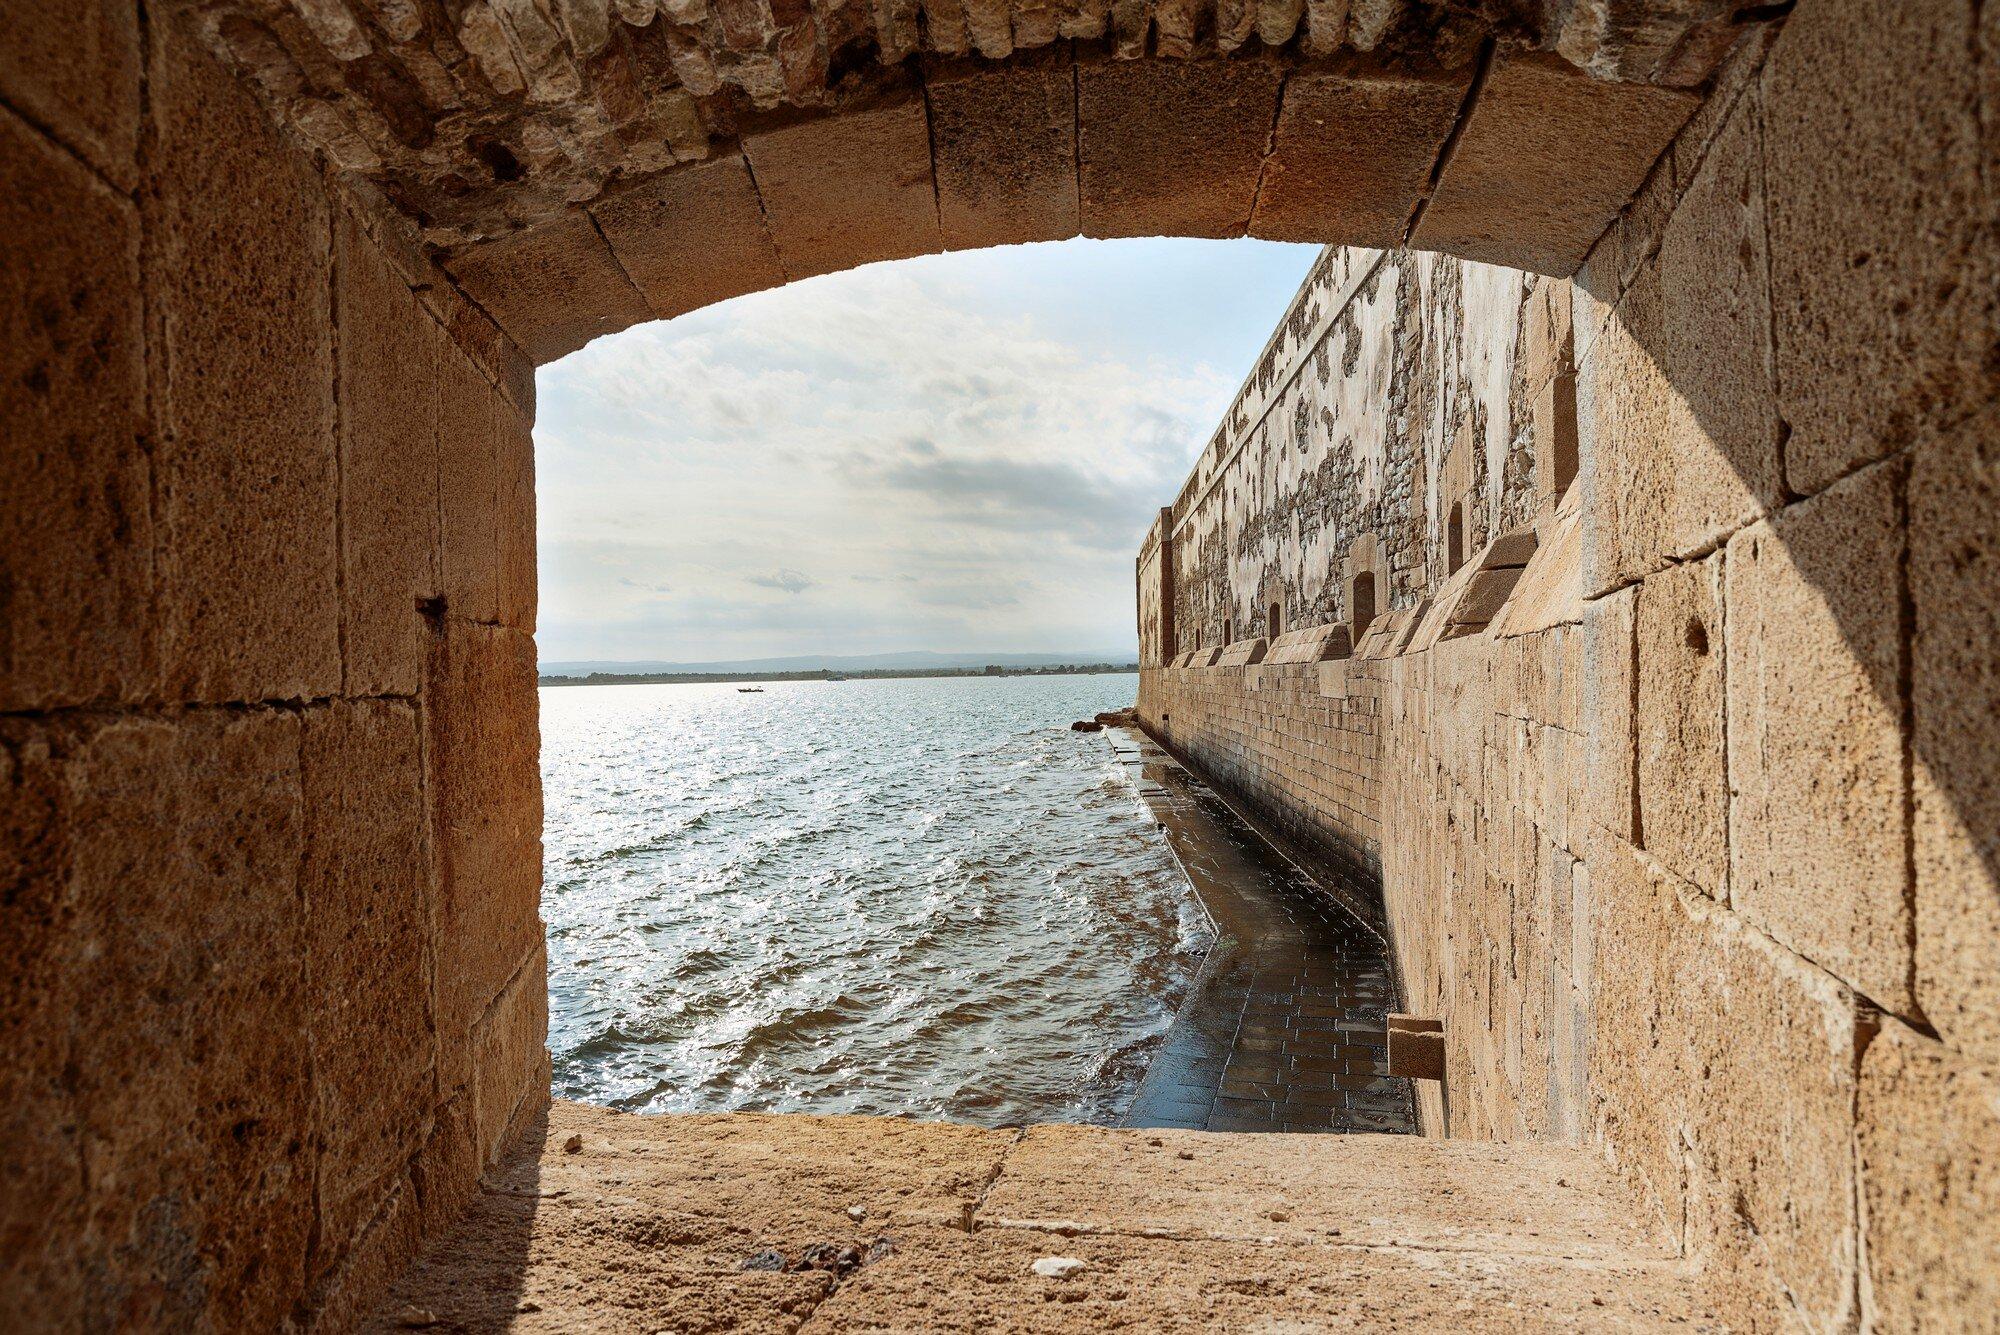 D05_5508 Siracusa castello 2_tn.jpg